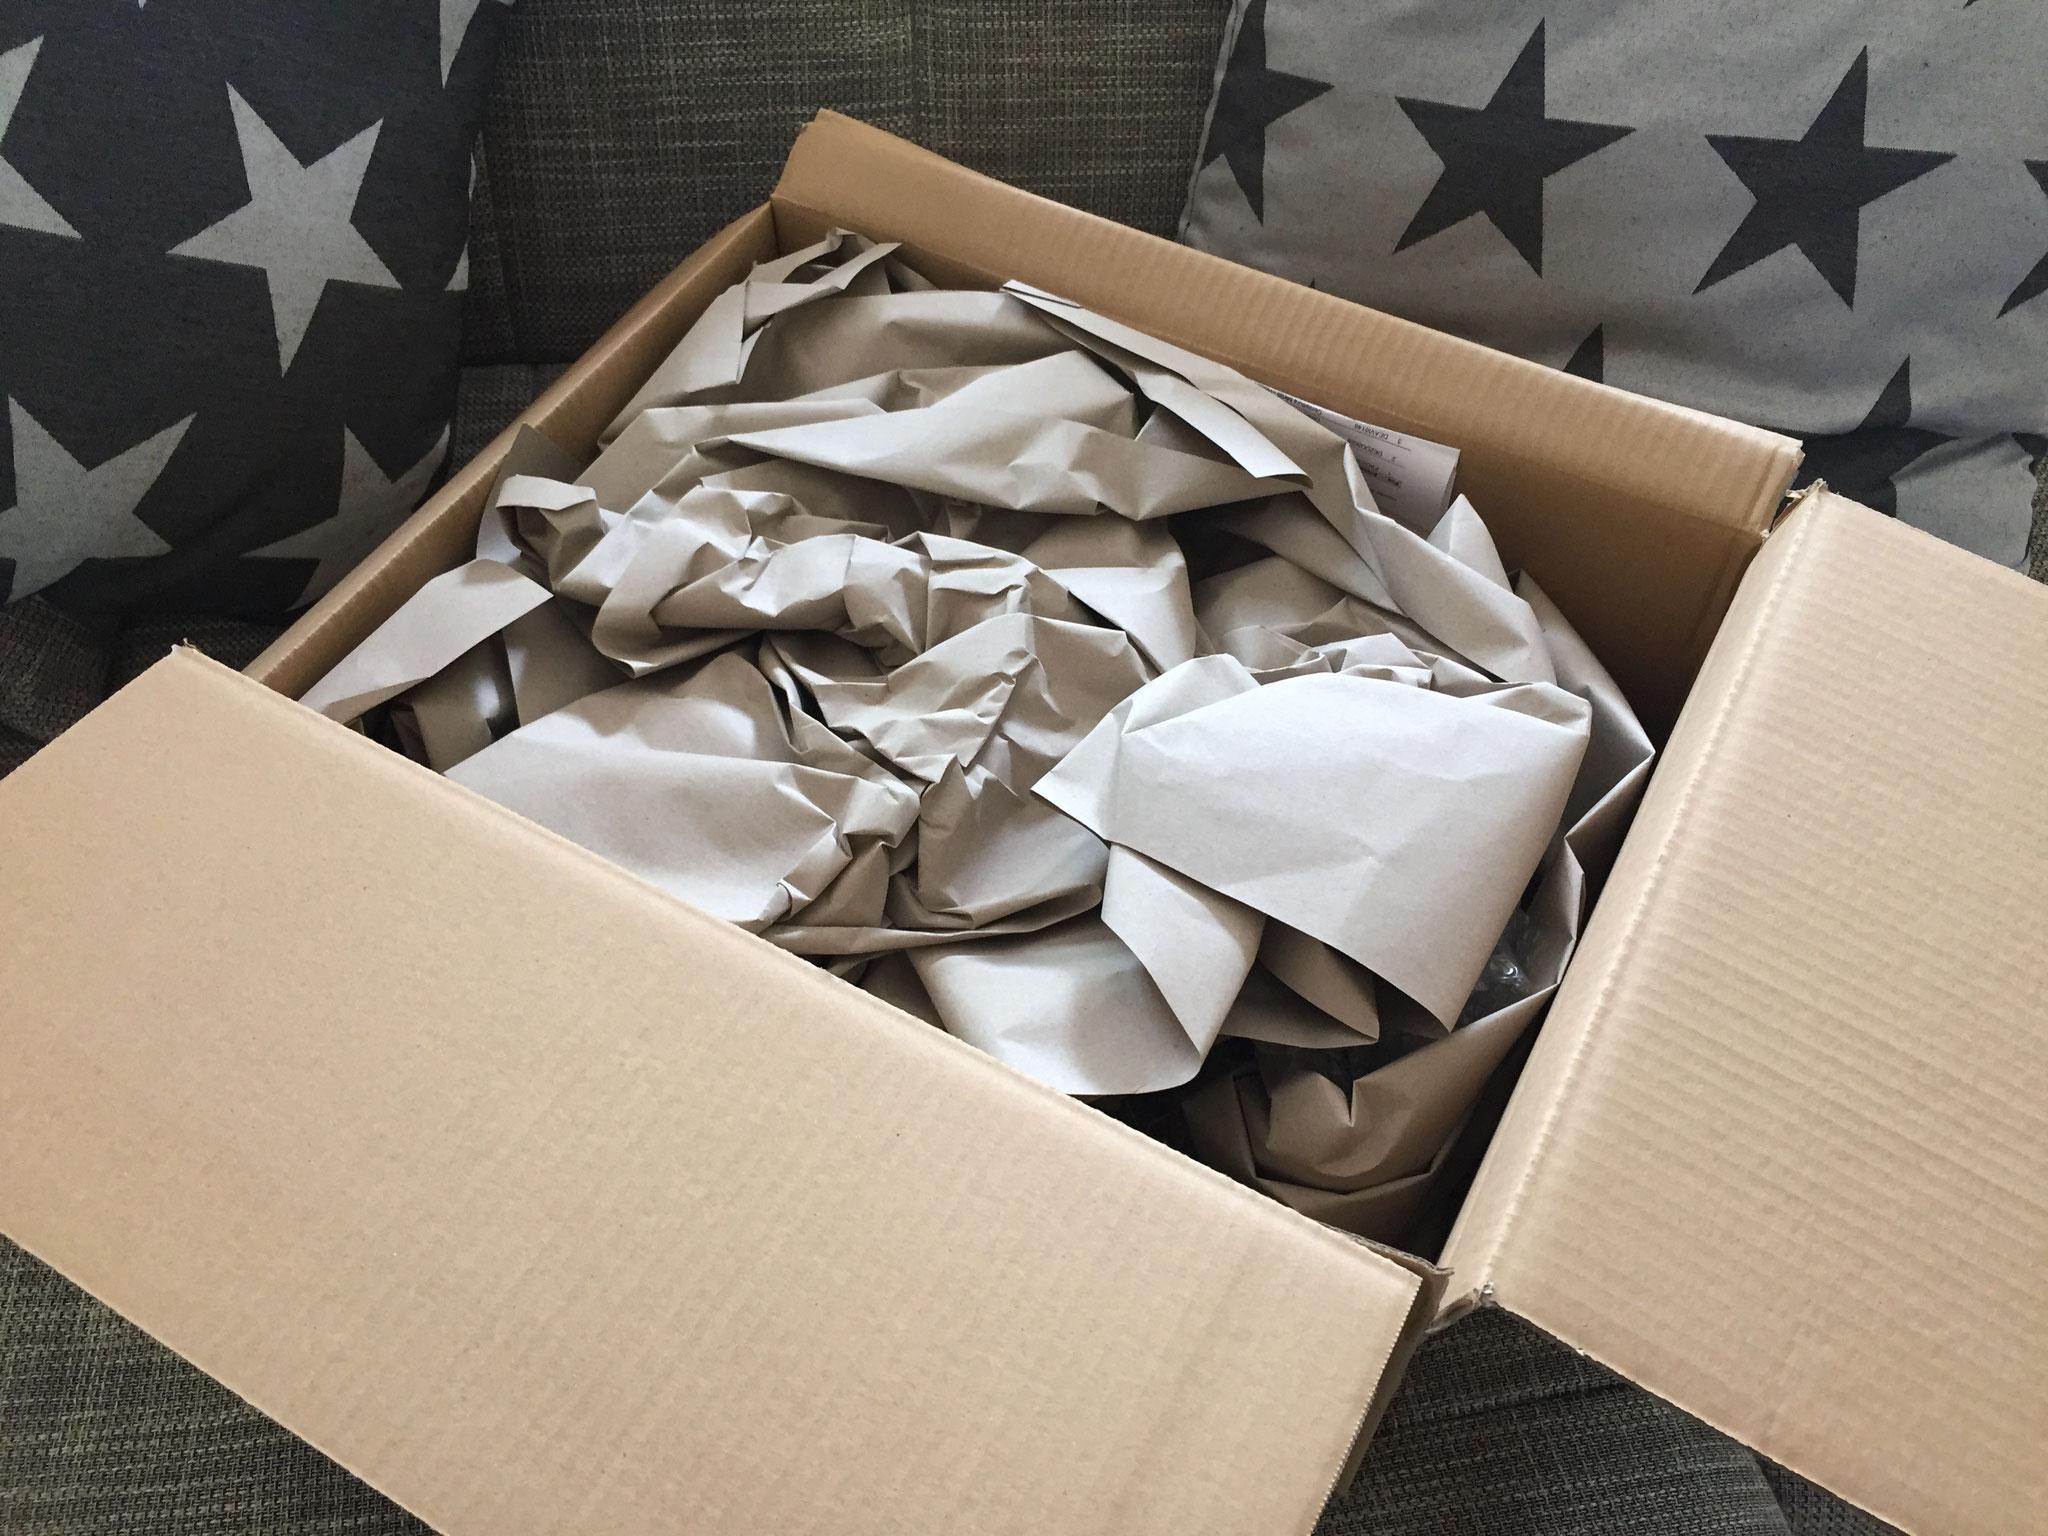 Paket von Der Feinschmecker (1)